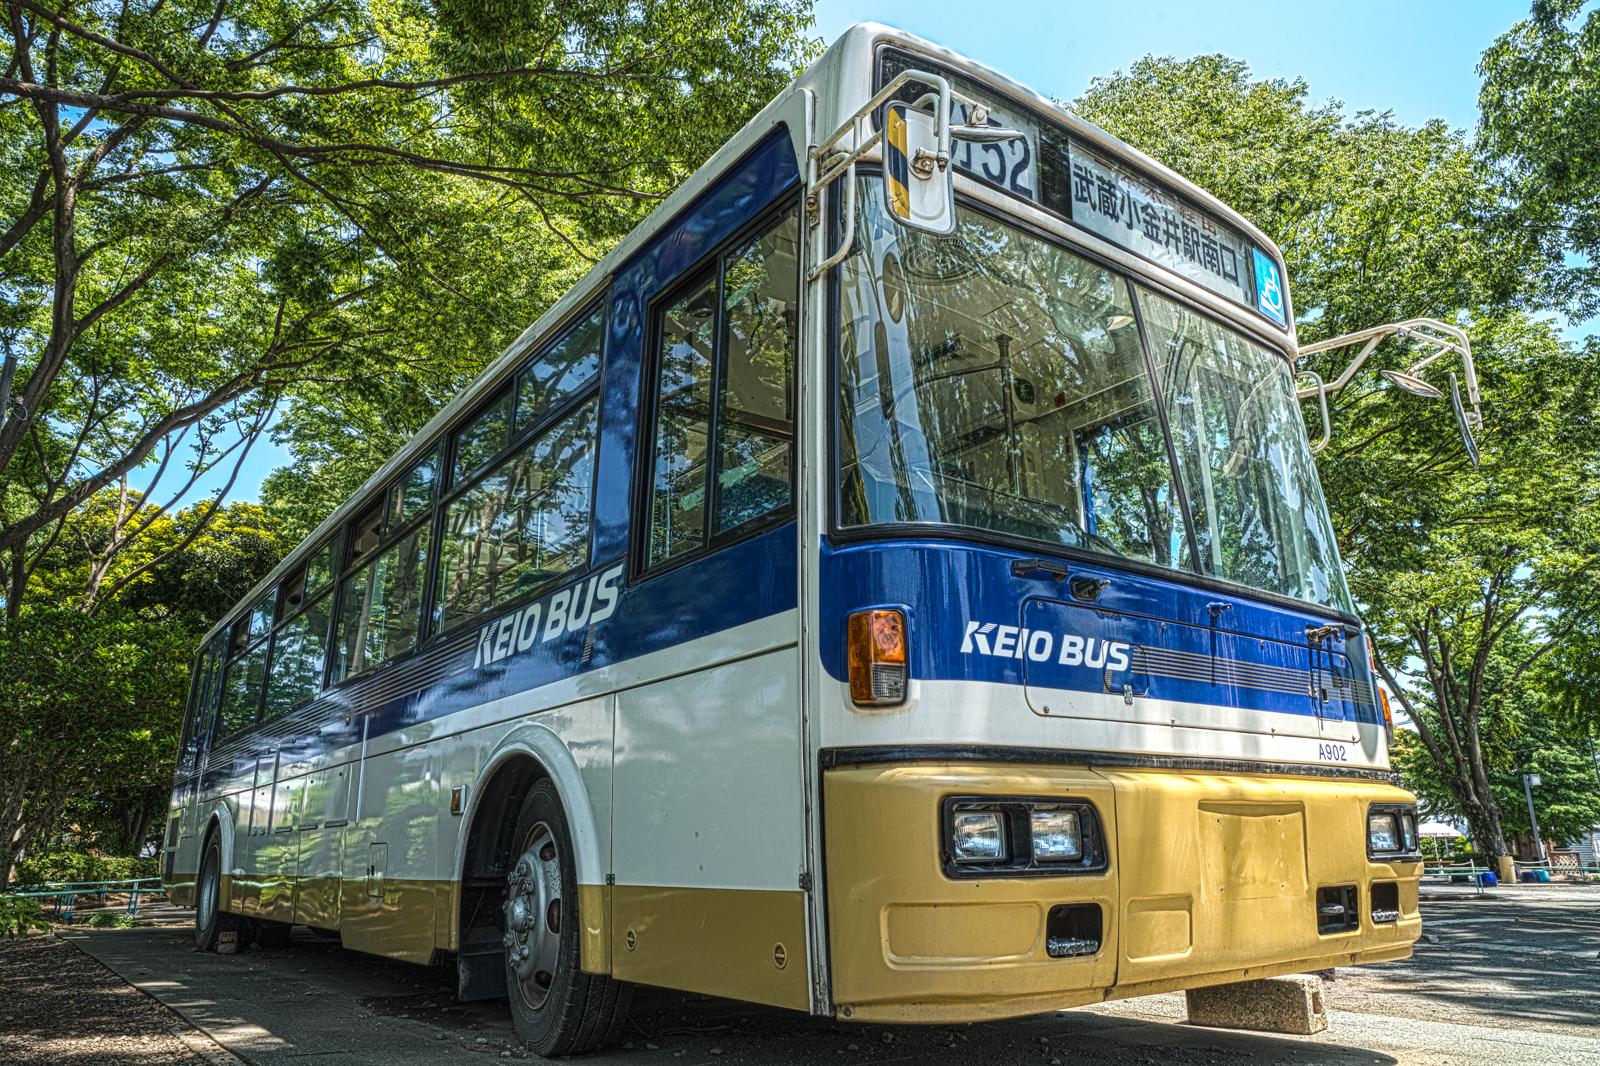 府中市交通遊園の京王バス 日産ディーゼル KC-JP250NTNの写真 HDR